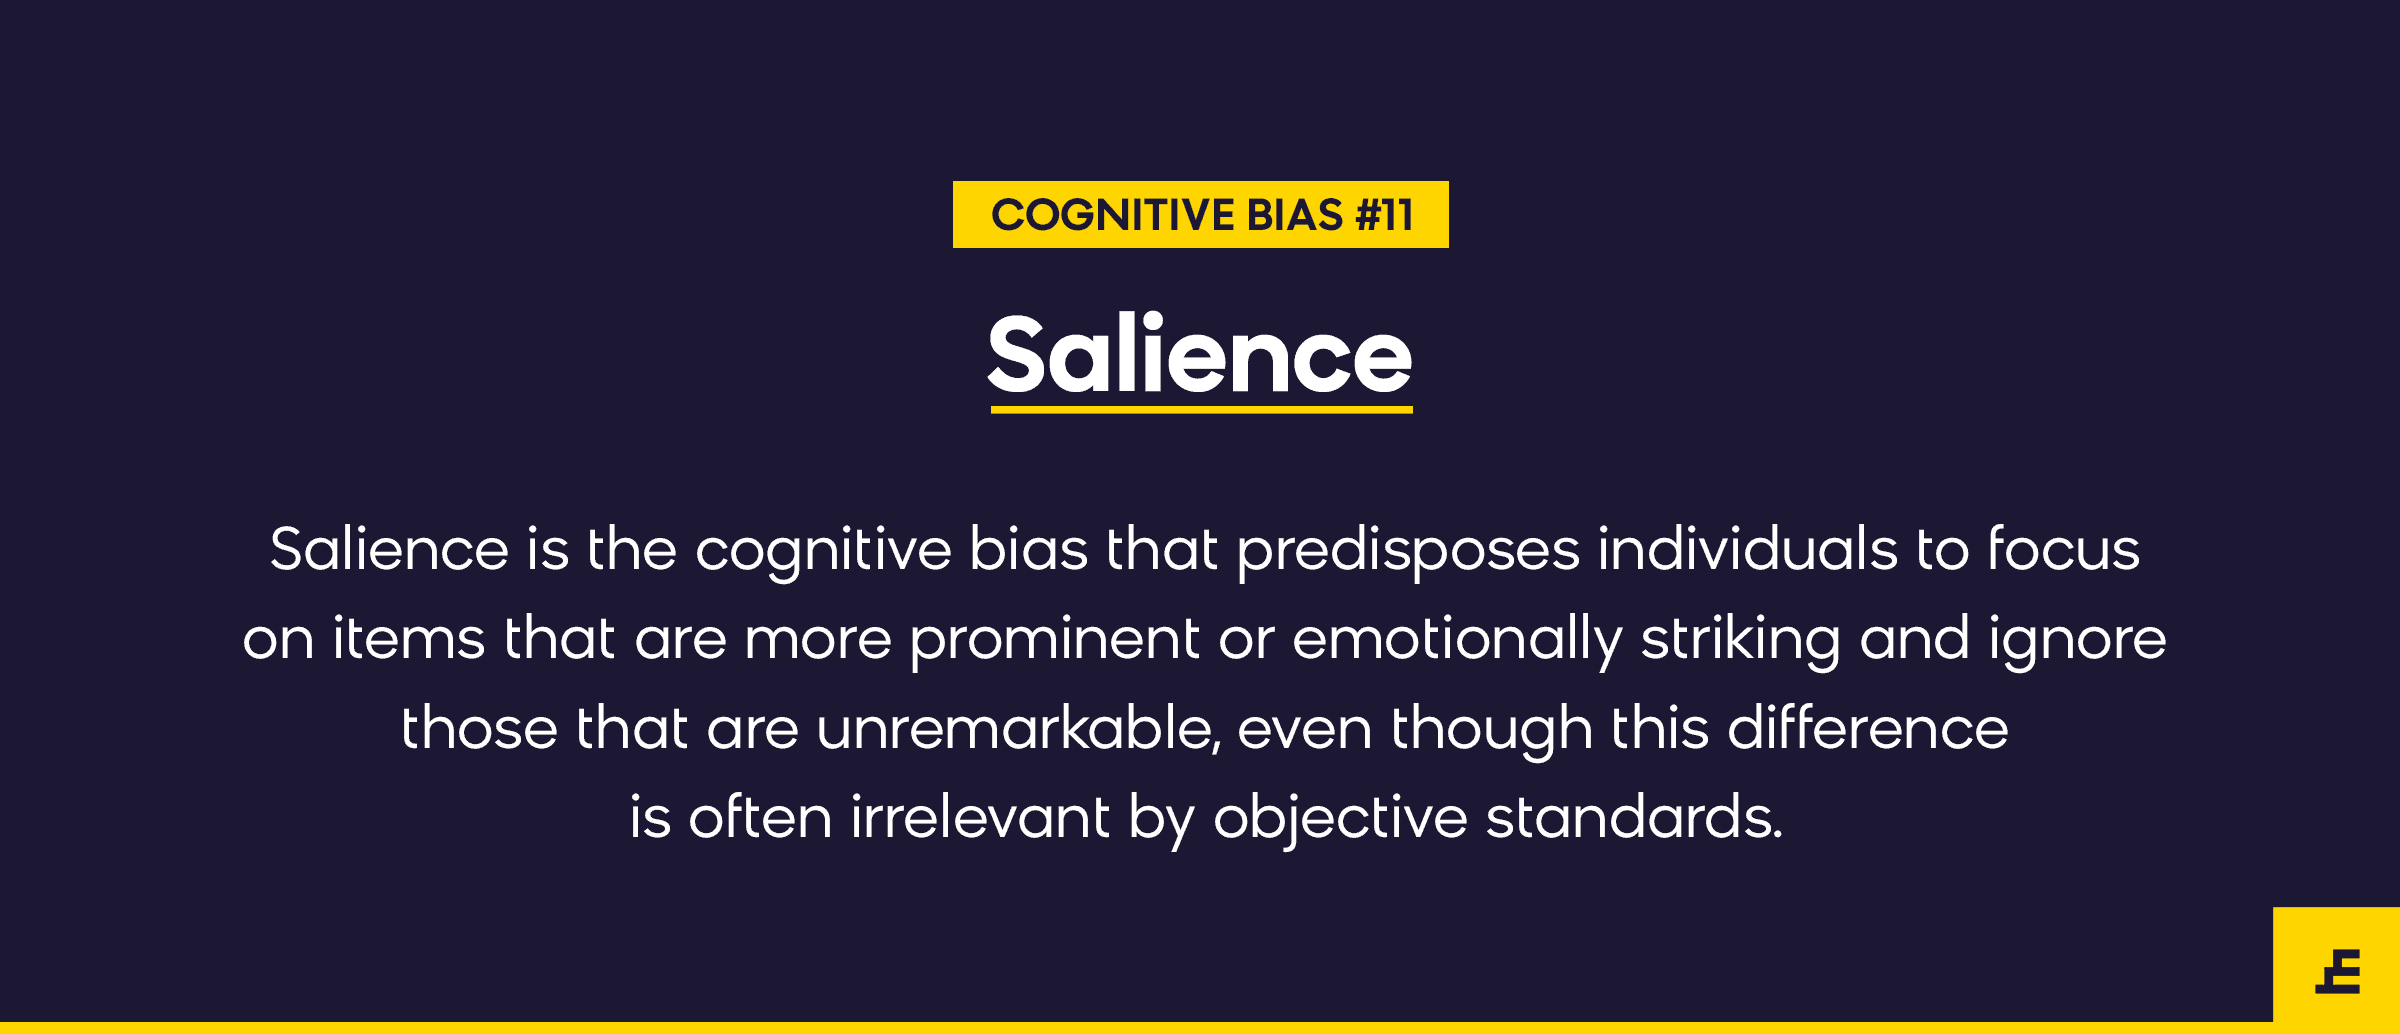 cognitive bias - salience